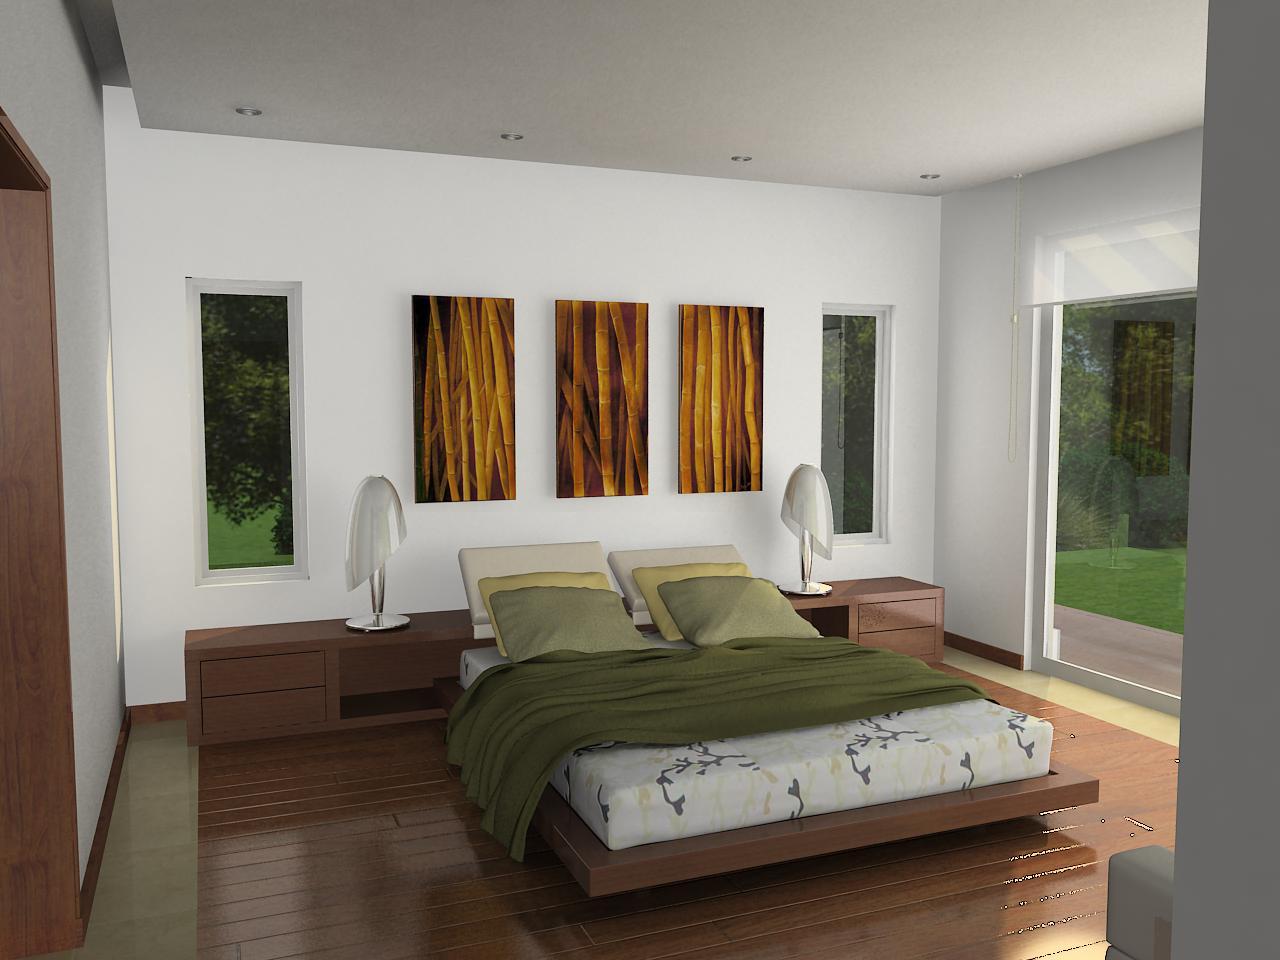 Dormitorio de dise o japones casa dise o for Diseno de interiores facultades